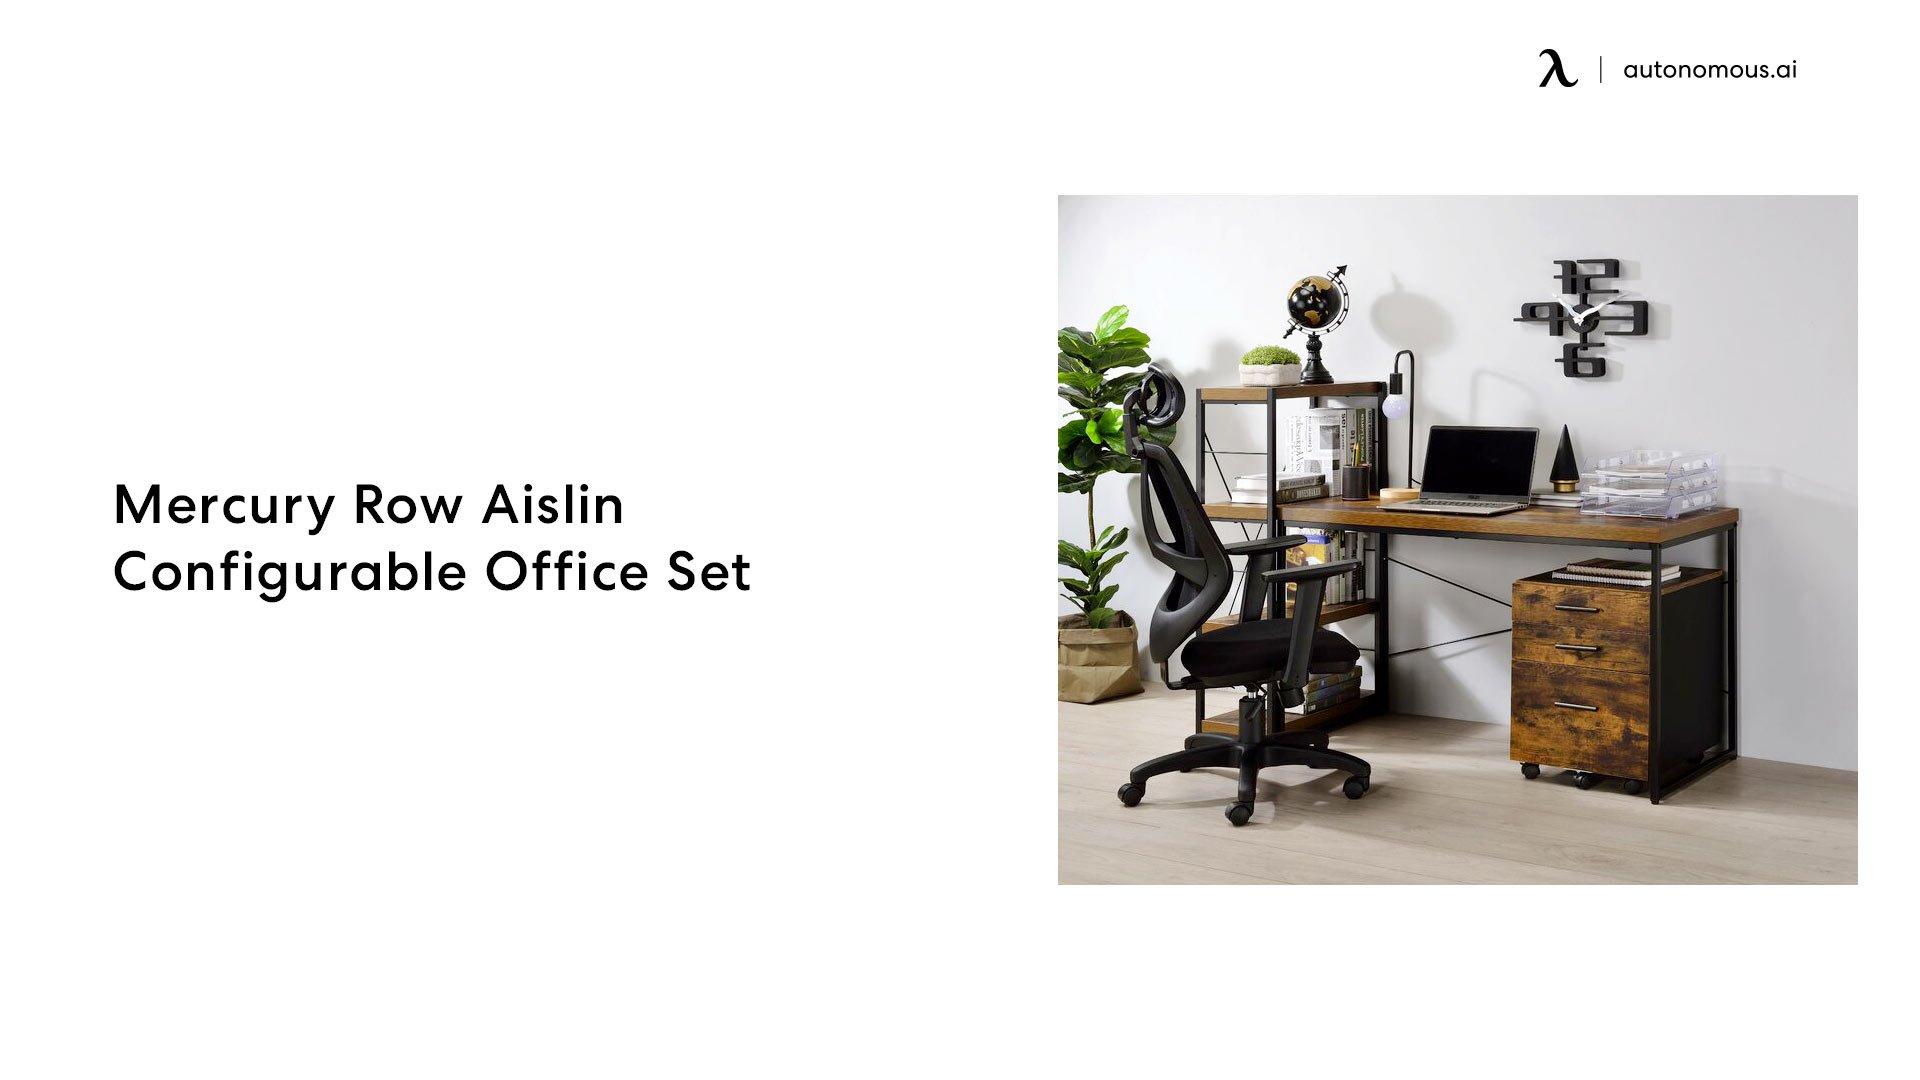 Mercury Row Aislin Configurable Office Set